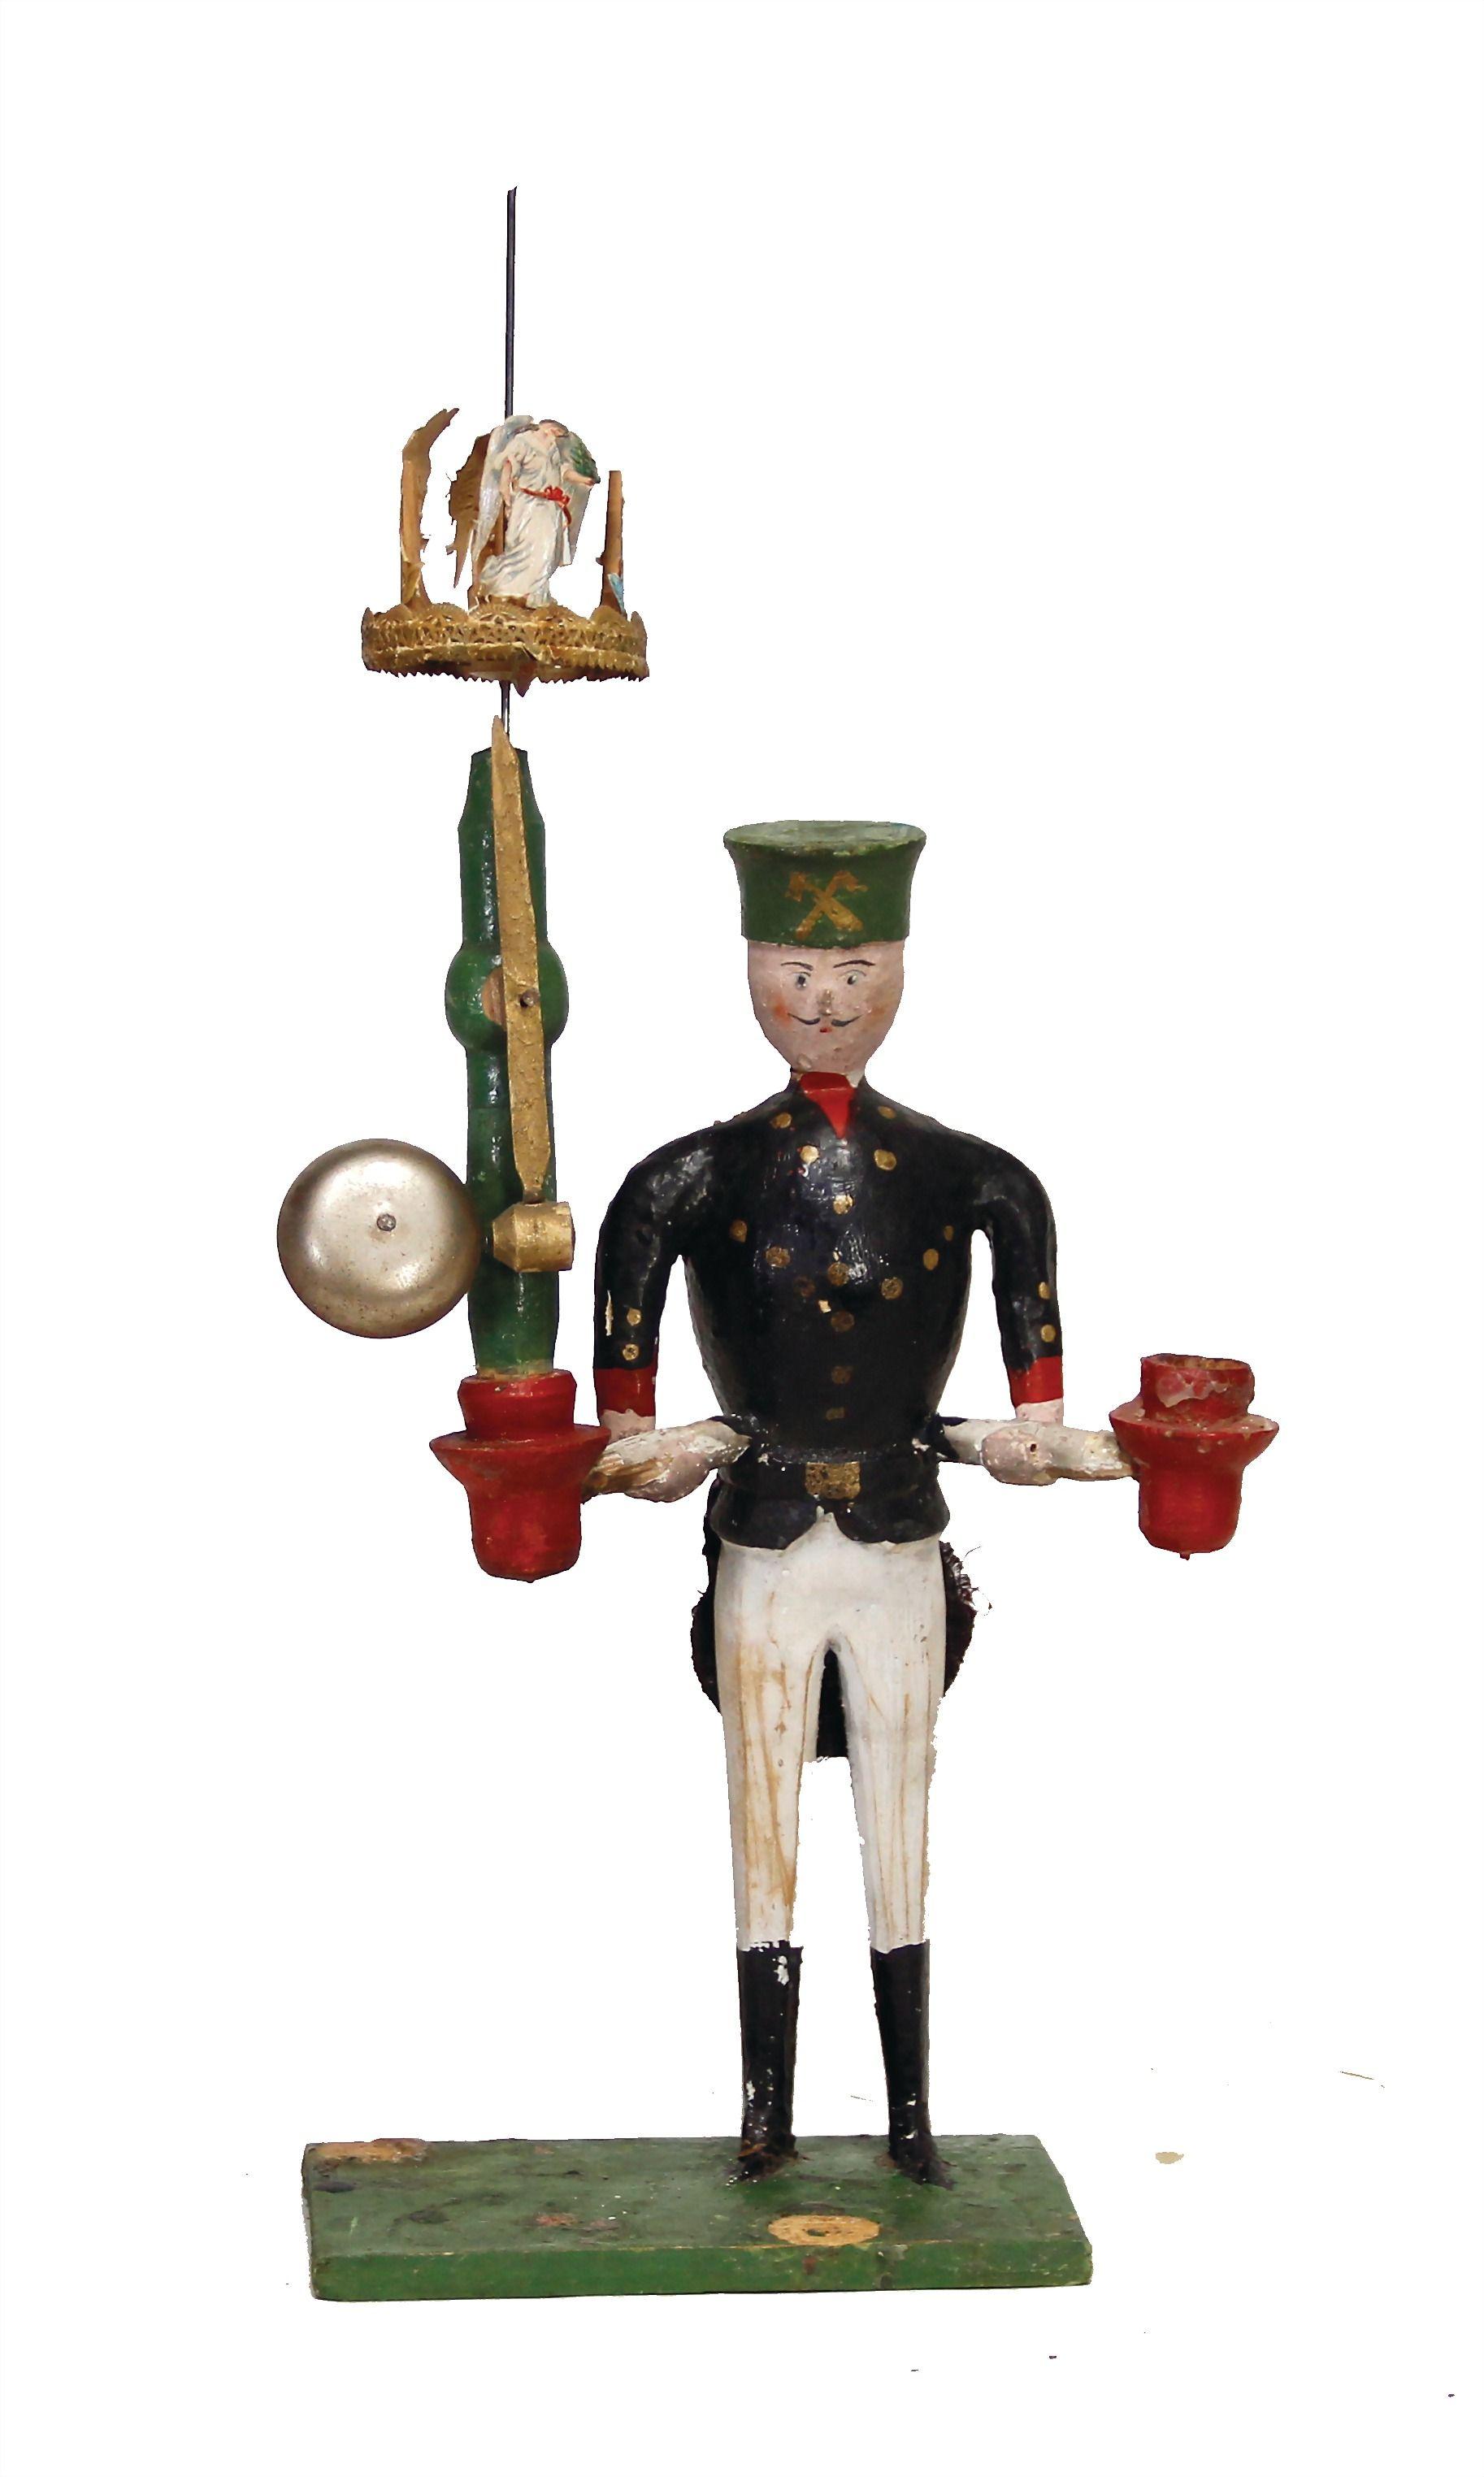 Ladenburger Spielzeugauktion   Holzfiguren, Erzgebirge